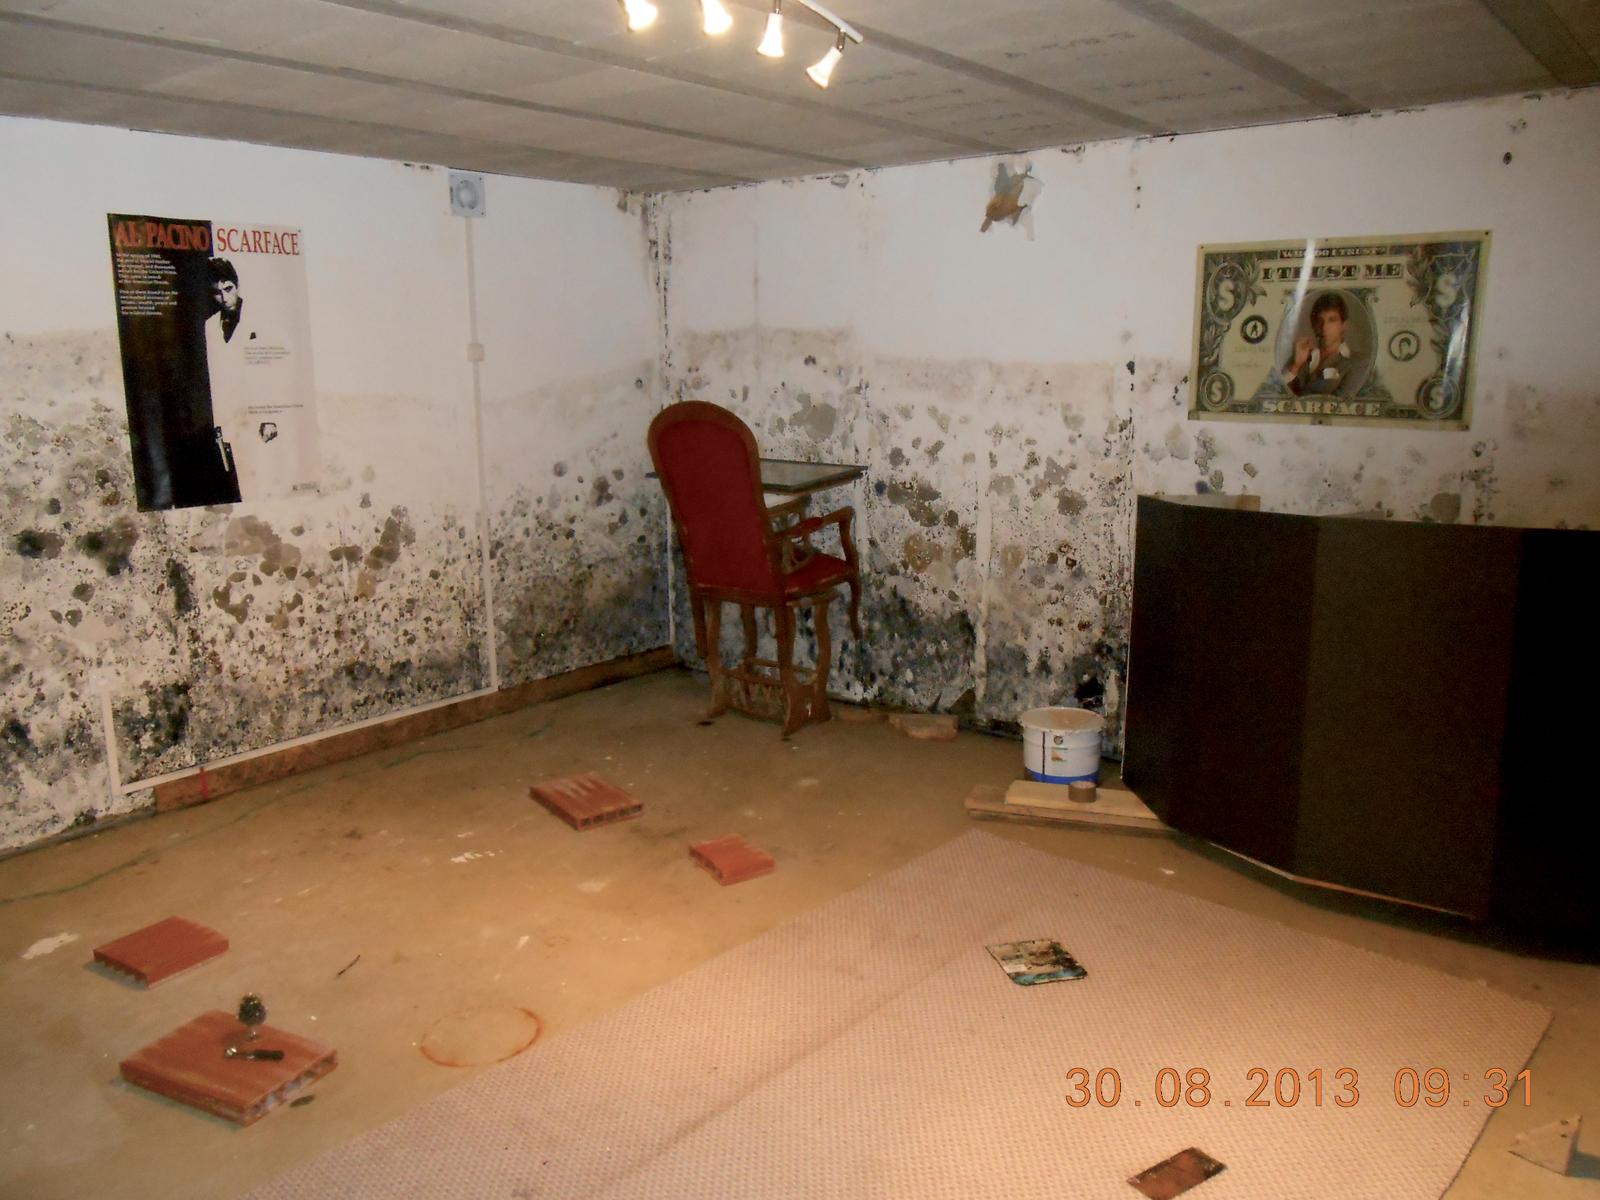 Humidité en sous-sol des bâtiments